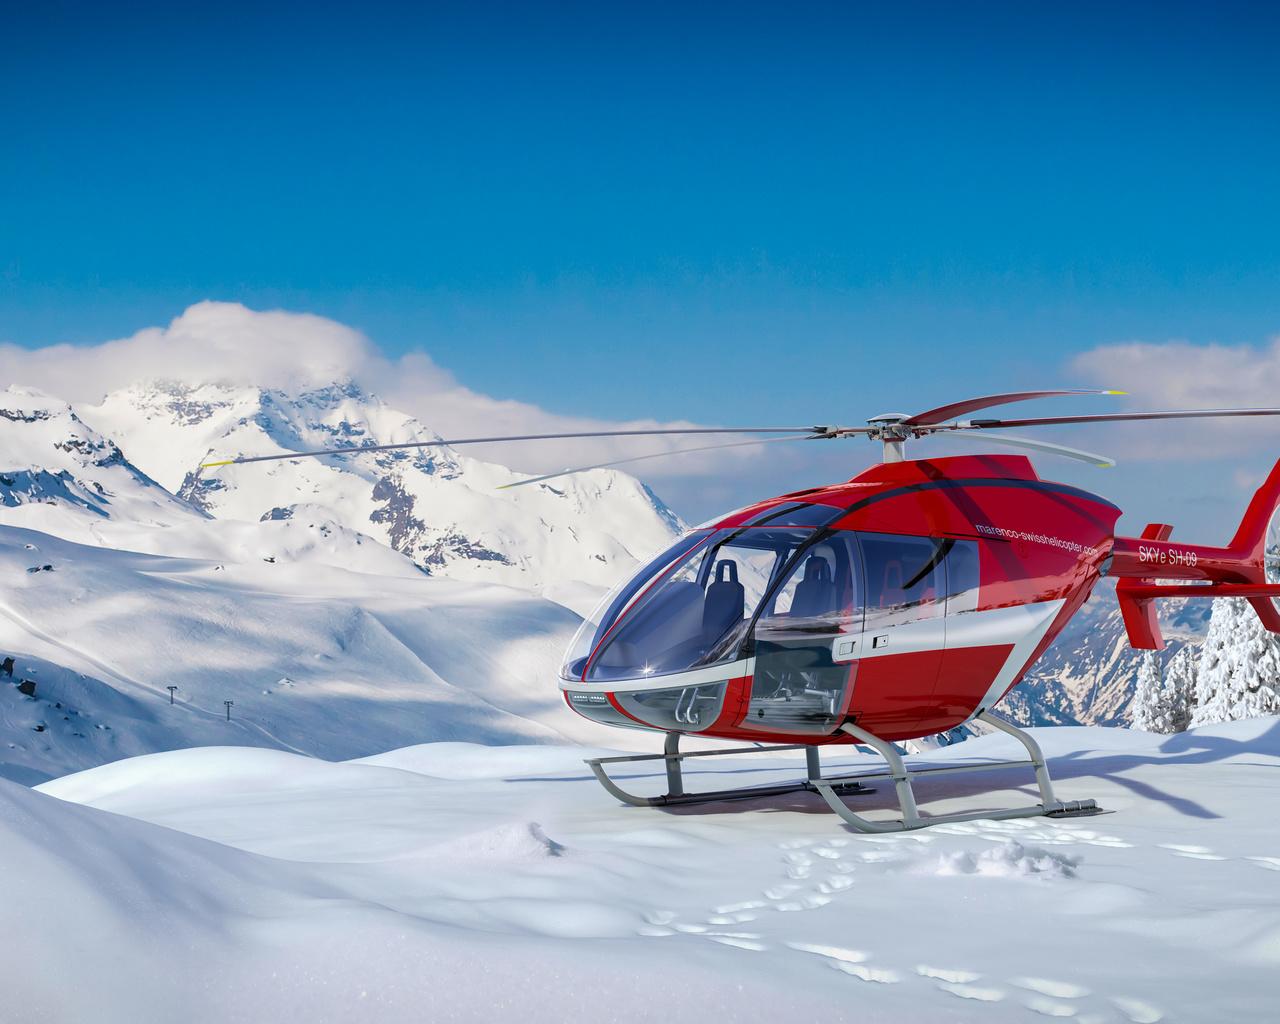 вертолет, горы, зима, швейцария